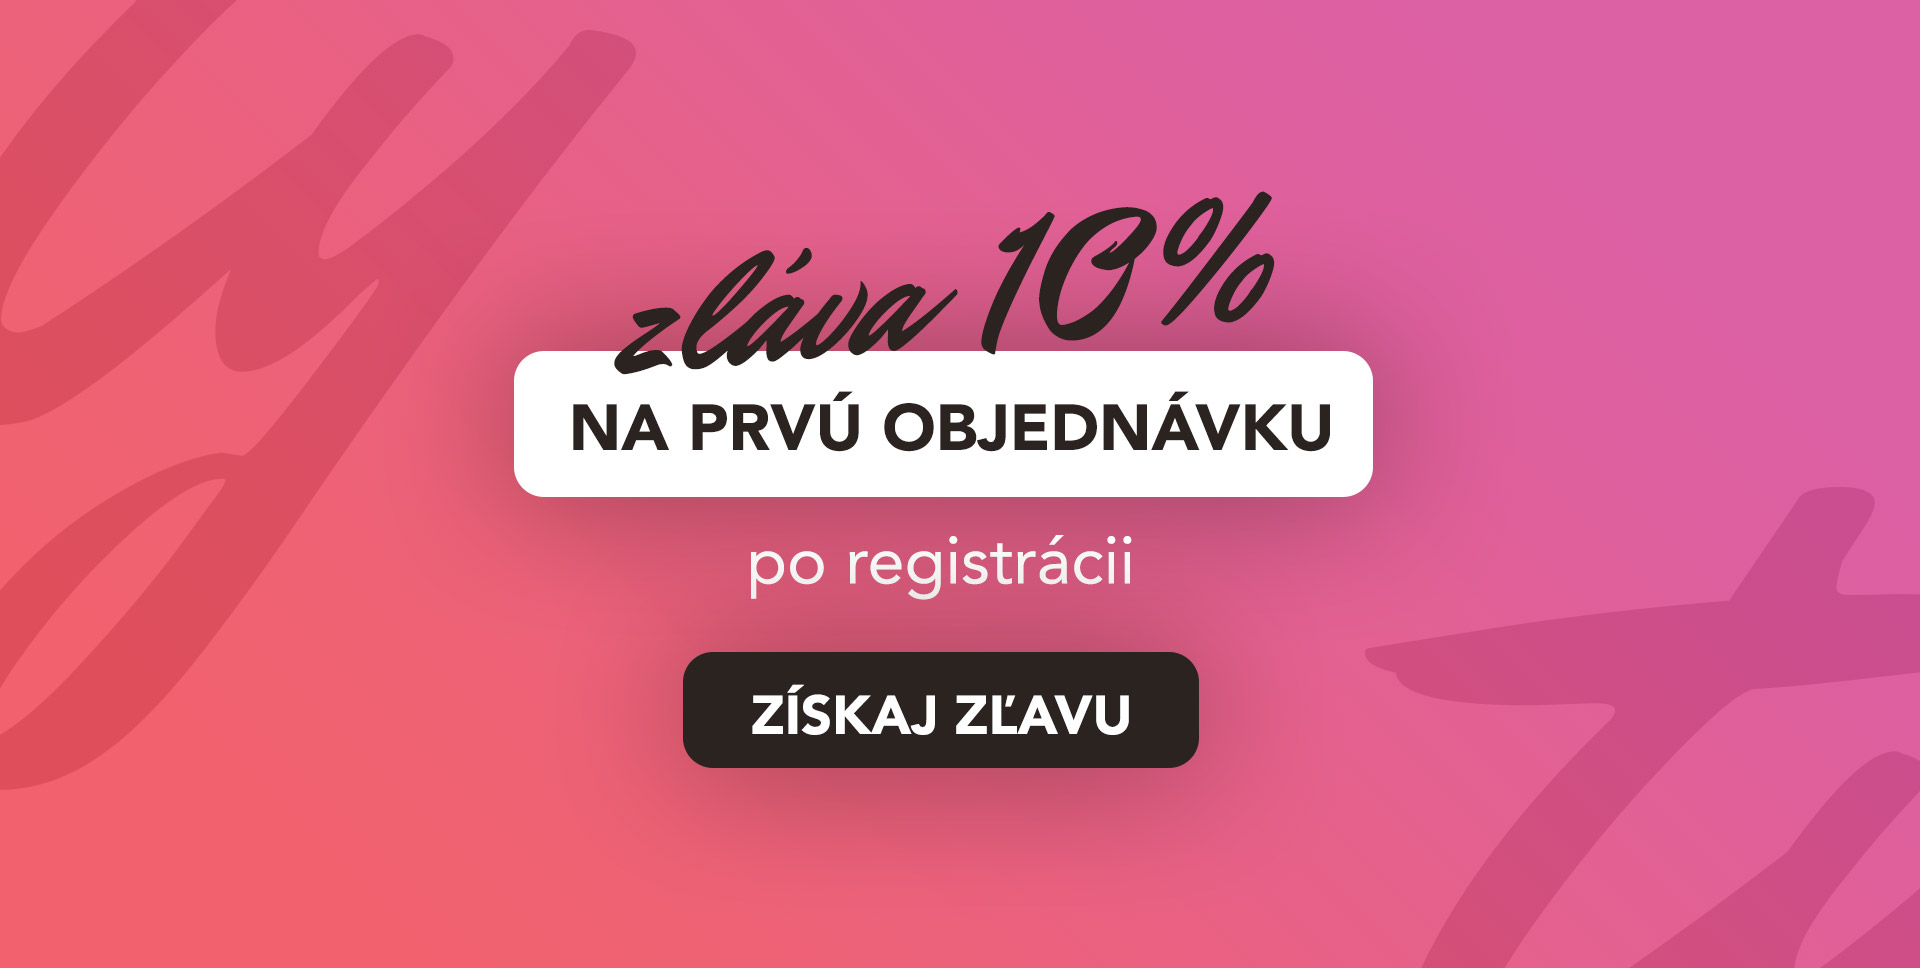 registrácia zľava 10%